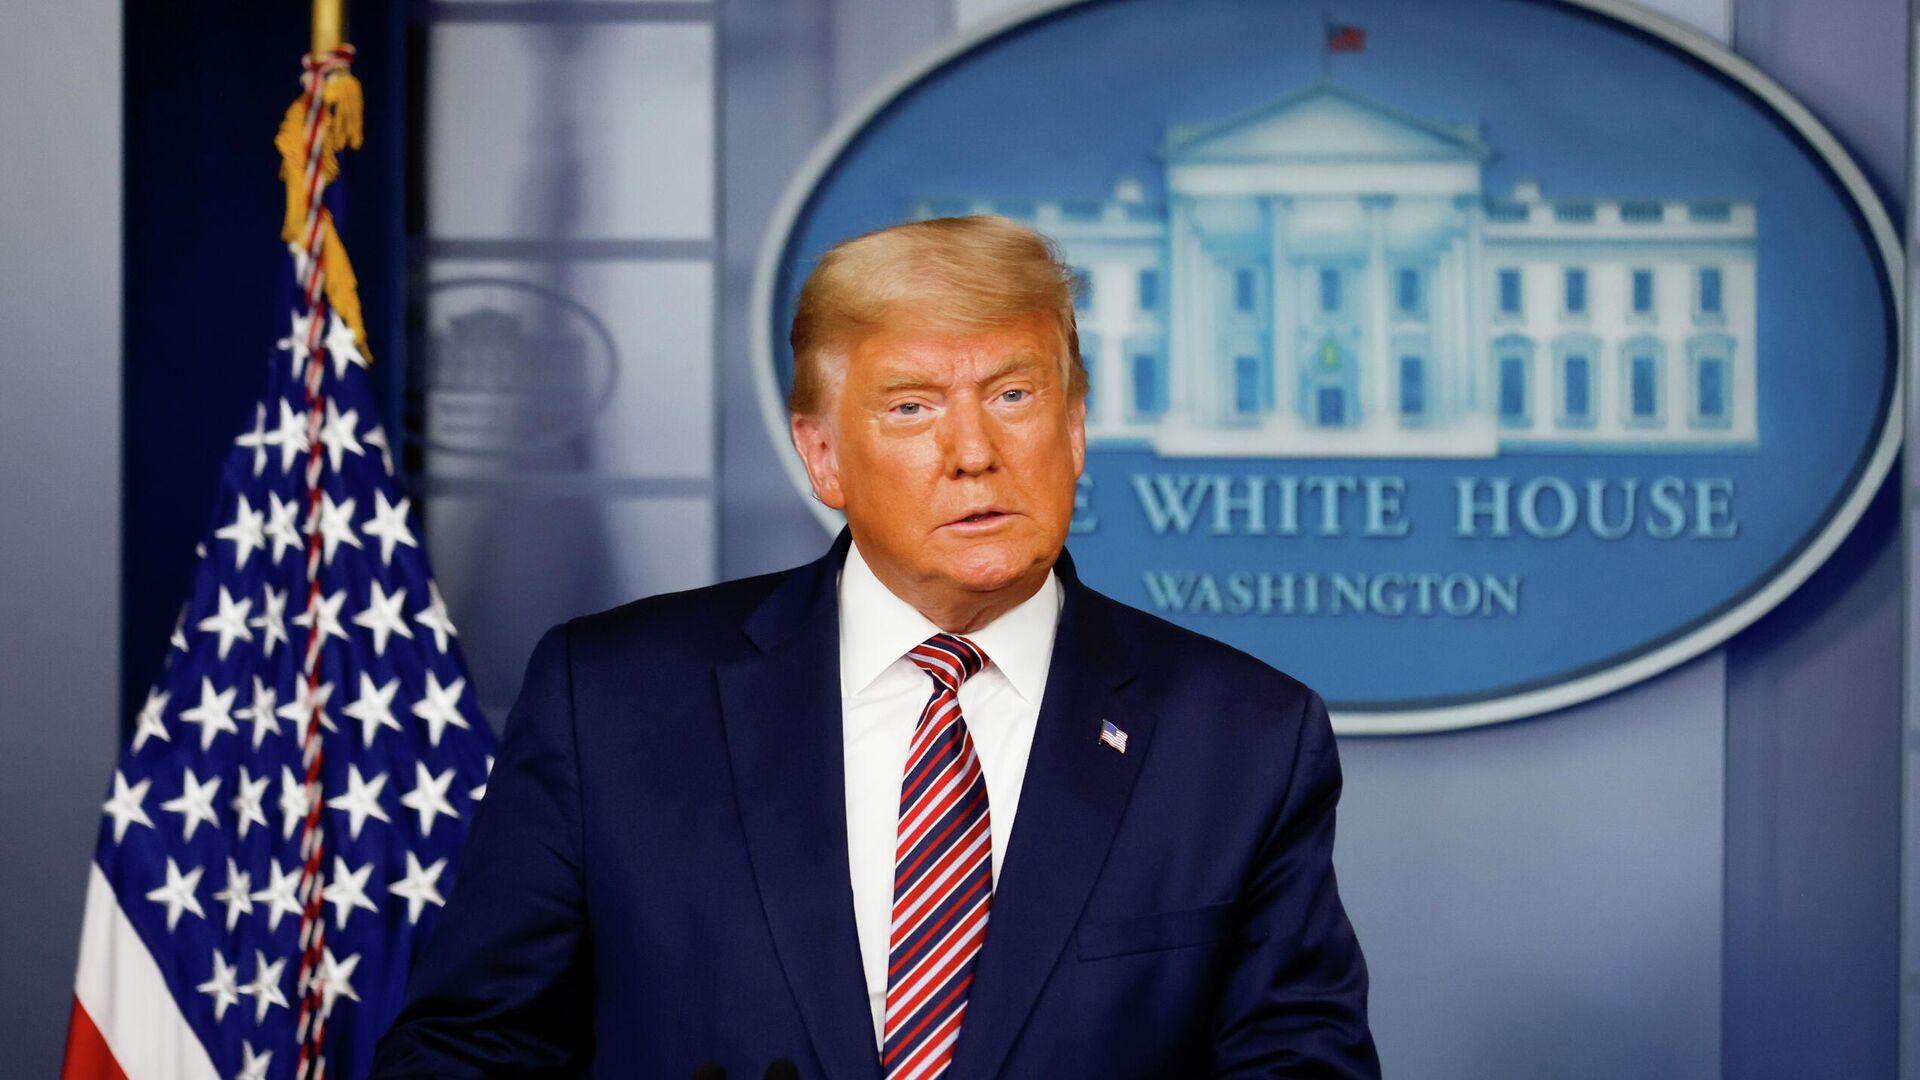 Президент США Дональд Трамп во время выступления в Белом доме в Вашингтоне - РИА Новости, 1920, 12.11.2020